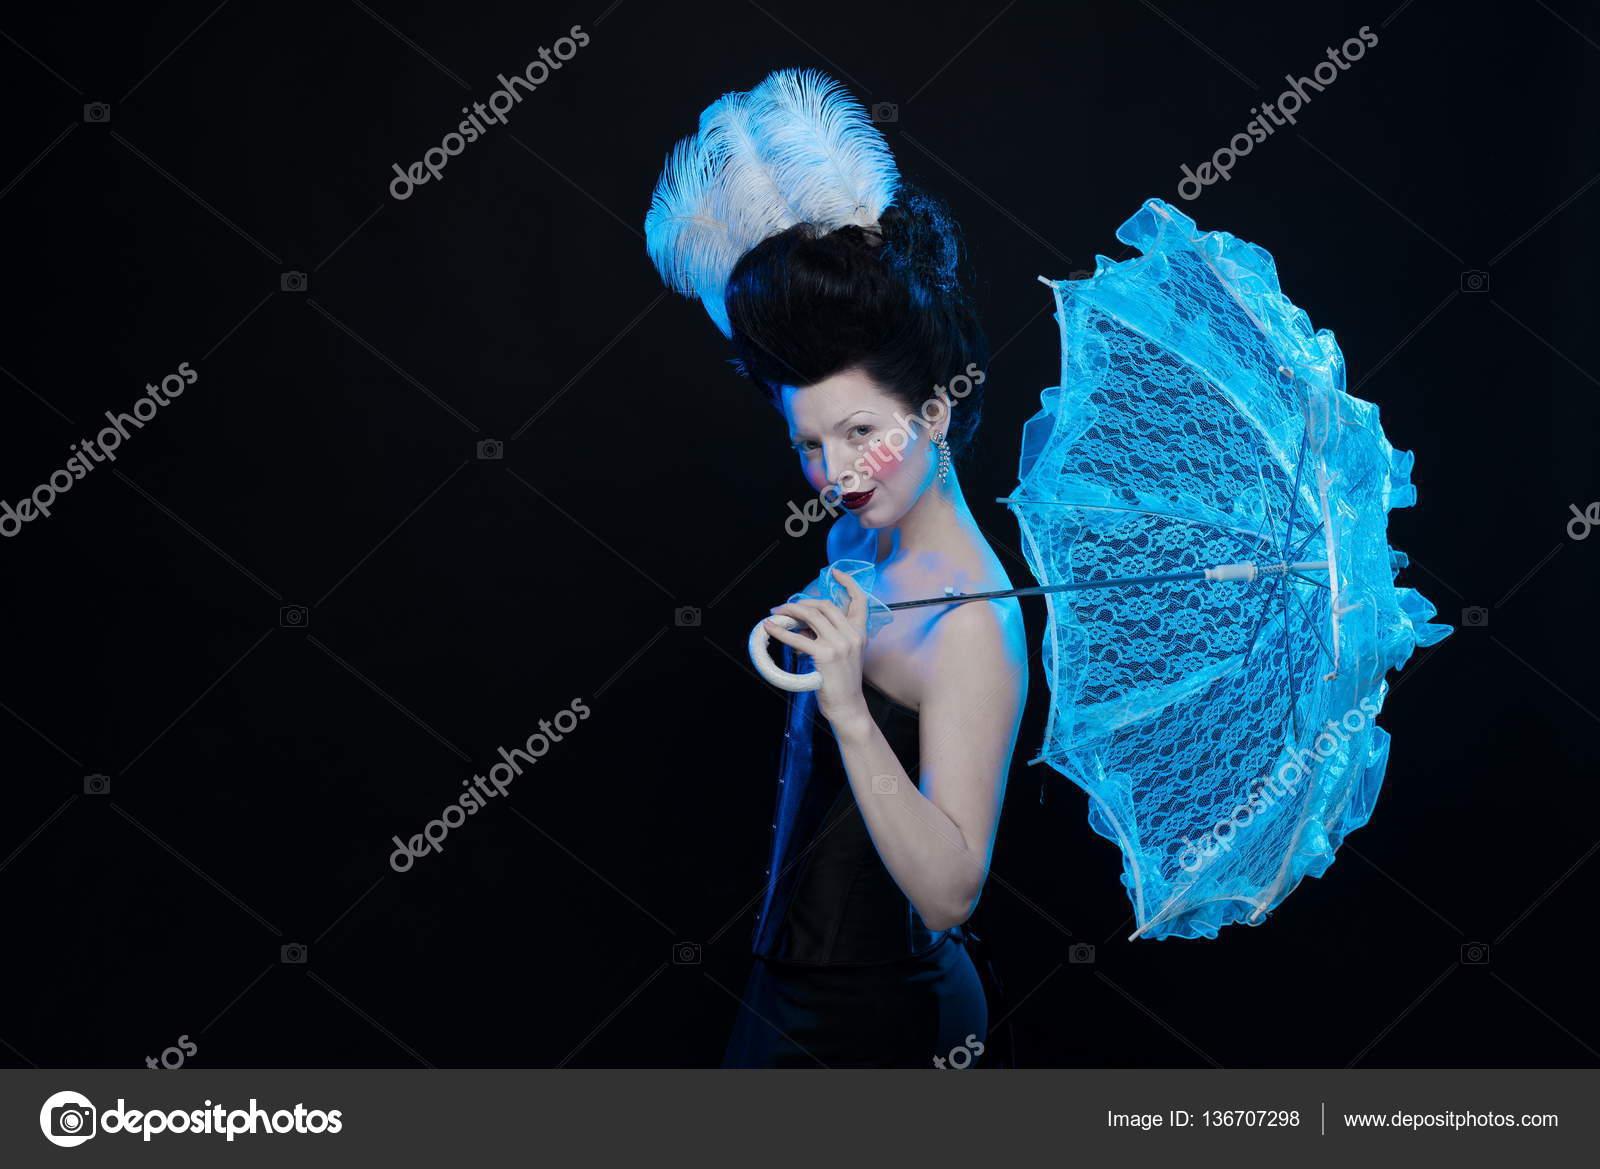 Платье-русалка, короткое, с пышной юбкой или со шлейфом, любая из перечисленных моделей будет гармонично дополнена корсетом. Голубой хорошо подчеркивает глаза этого же оттенка, прекрасно оттеняет волосы цвета золотистый блонд и контрастирует с темными волосами брюнеток.